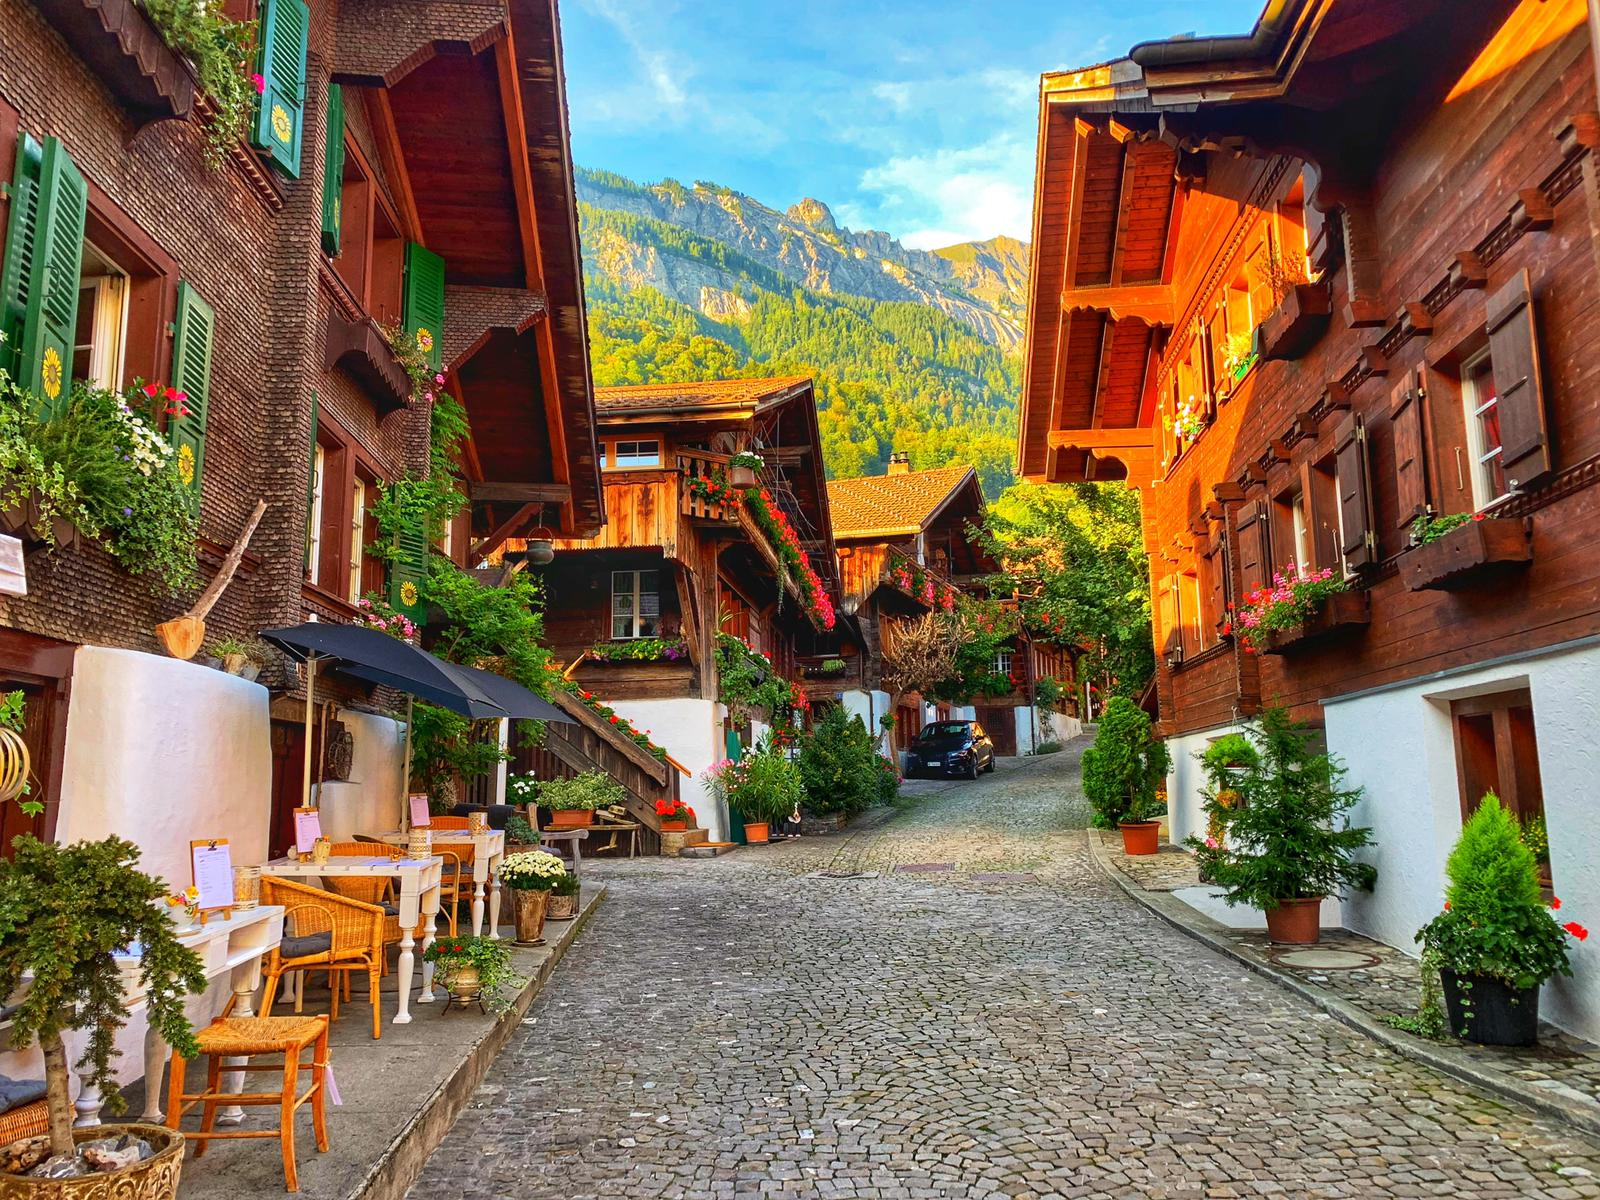 What to see in Brienz - Switzerland